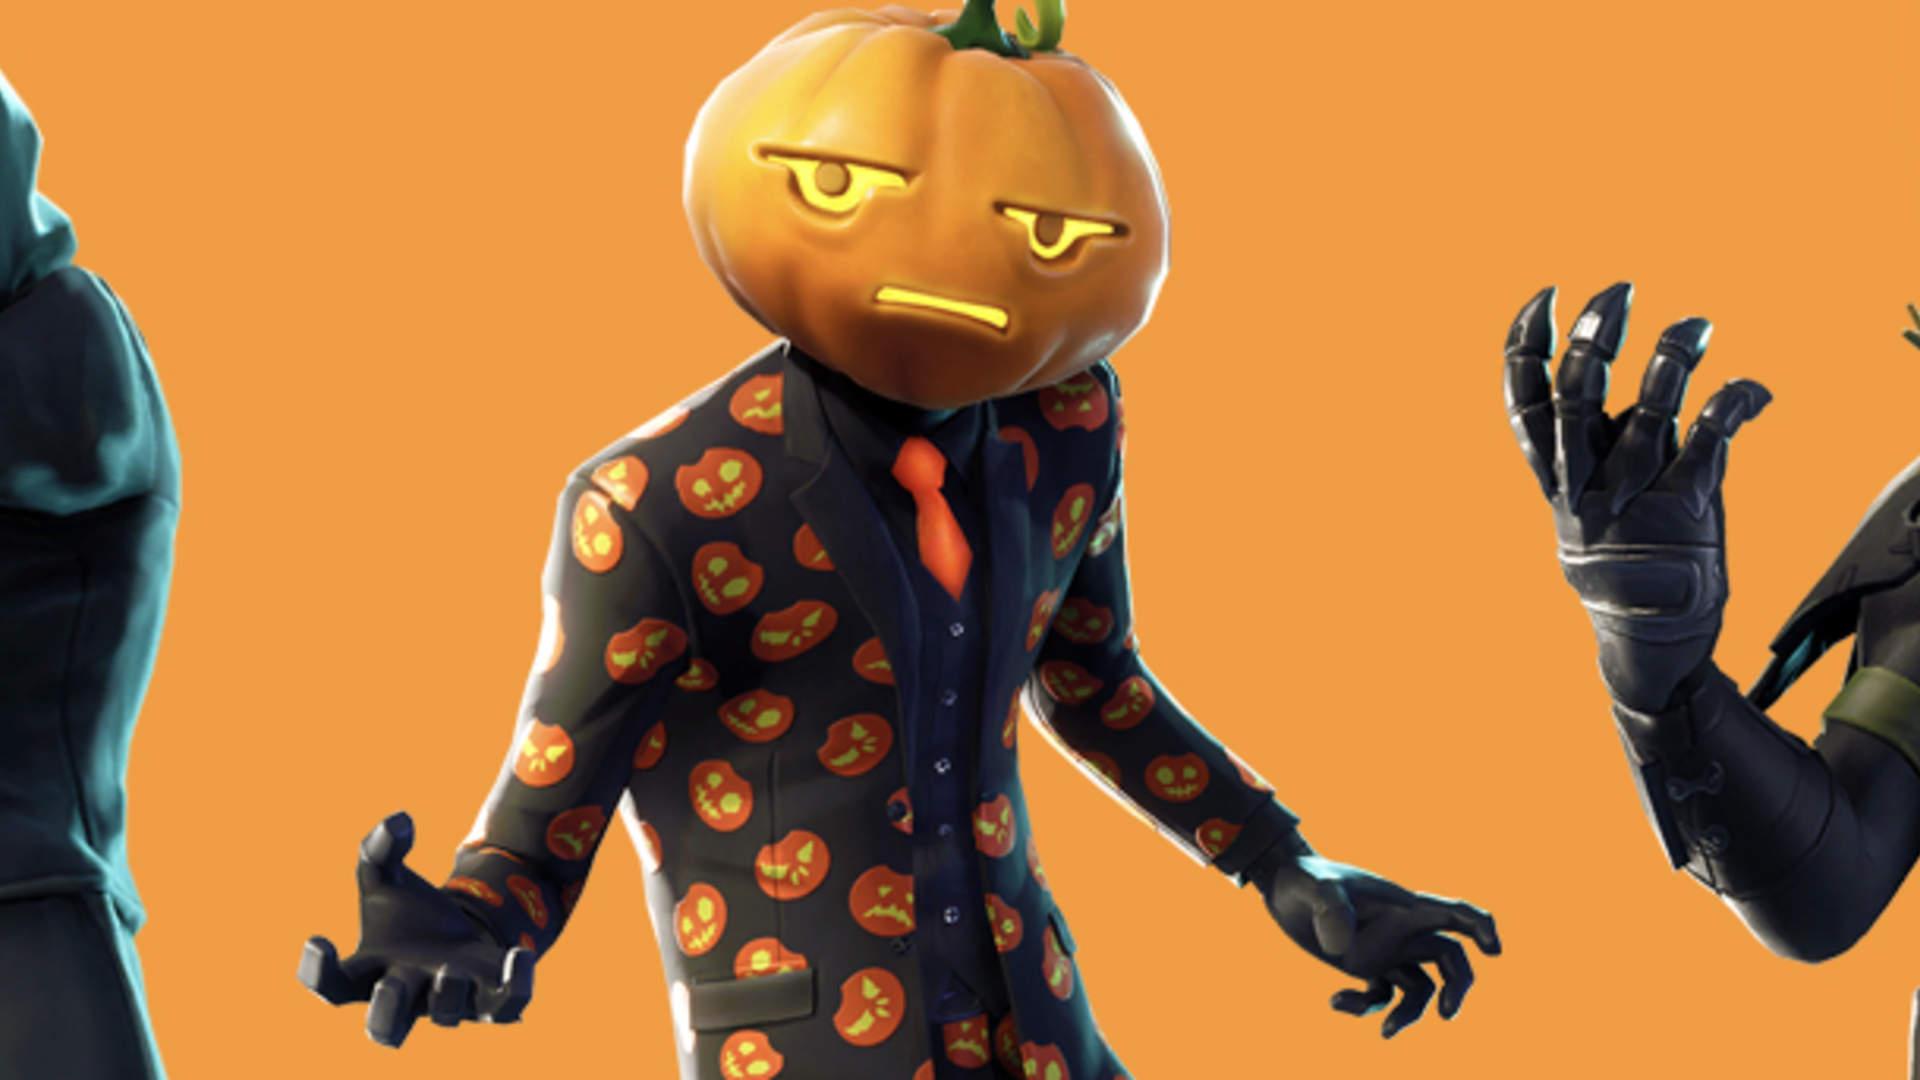 Thời gian bắt đầu của Fortnitemares - Những thách thức và giao diện mới cho các sự kiện Halloween 1